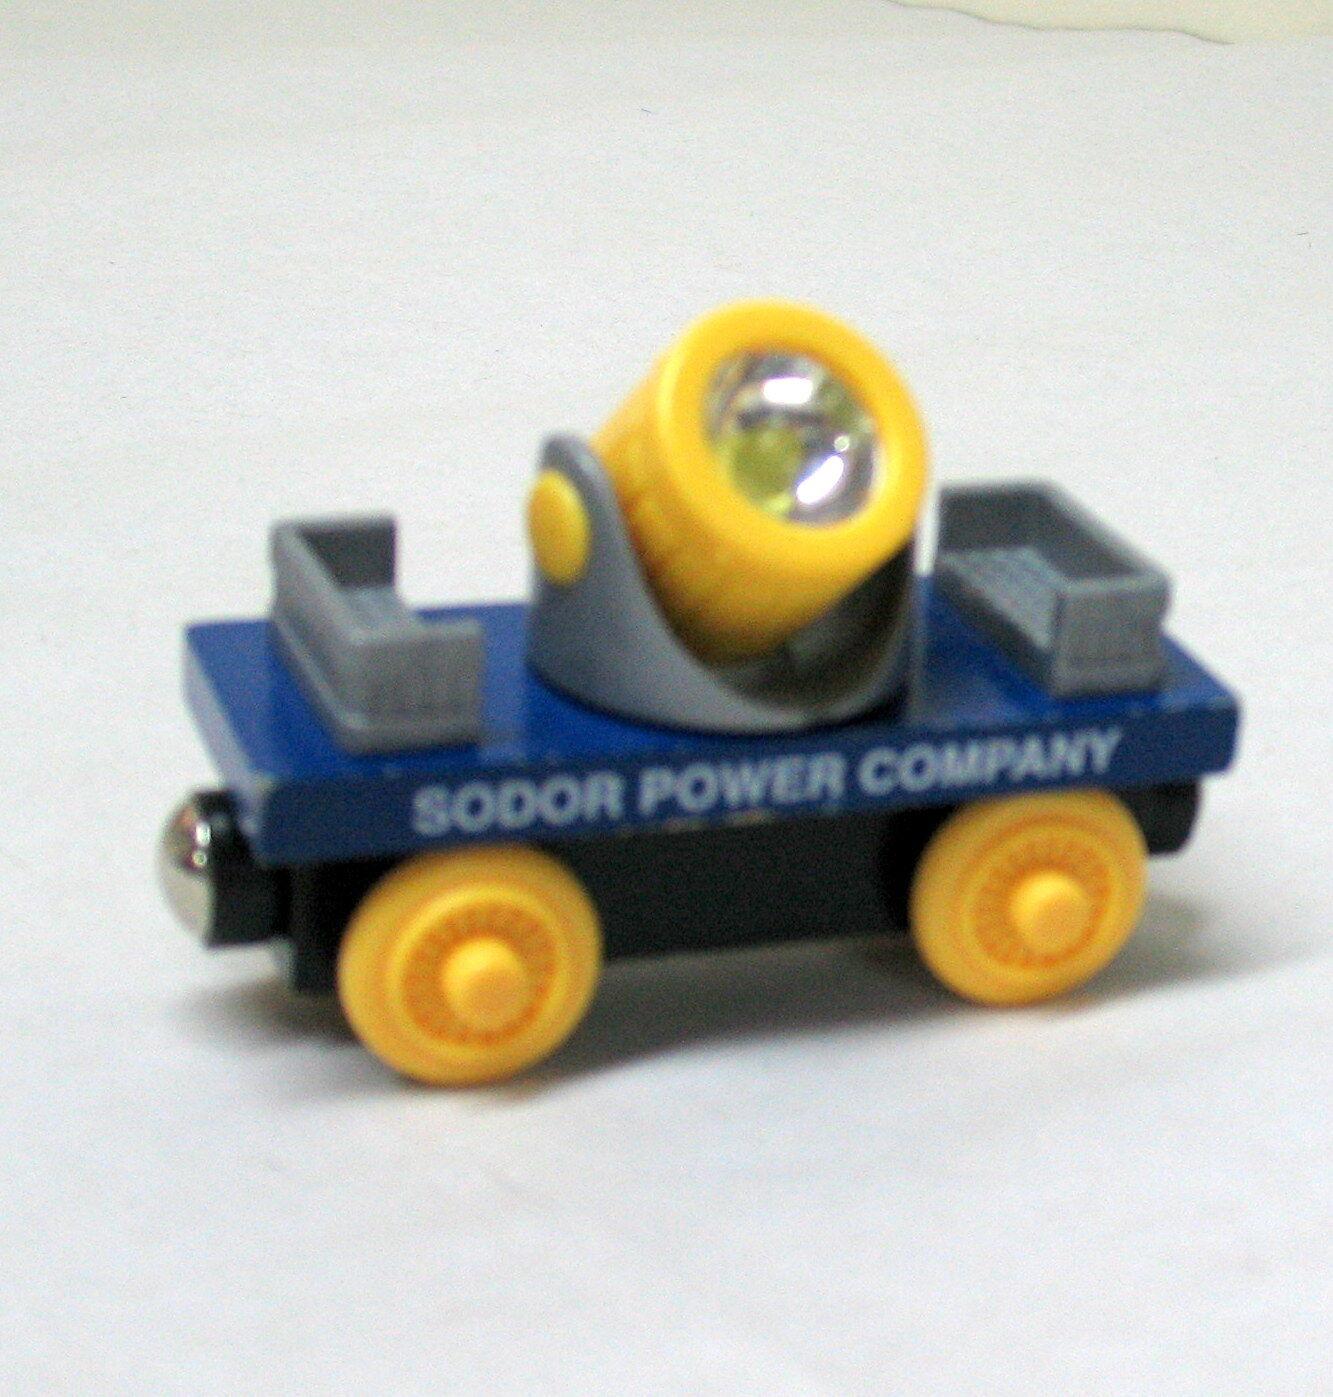 Thomas Wooden Railway, SODOR POWER COMPANY COMPANY COMPANY SET, 2003, EUC f015af